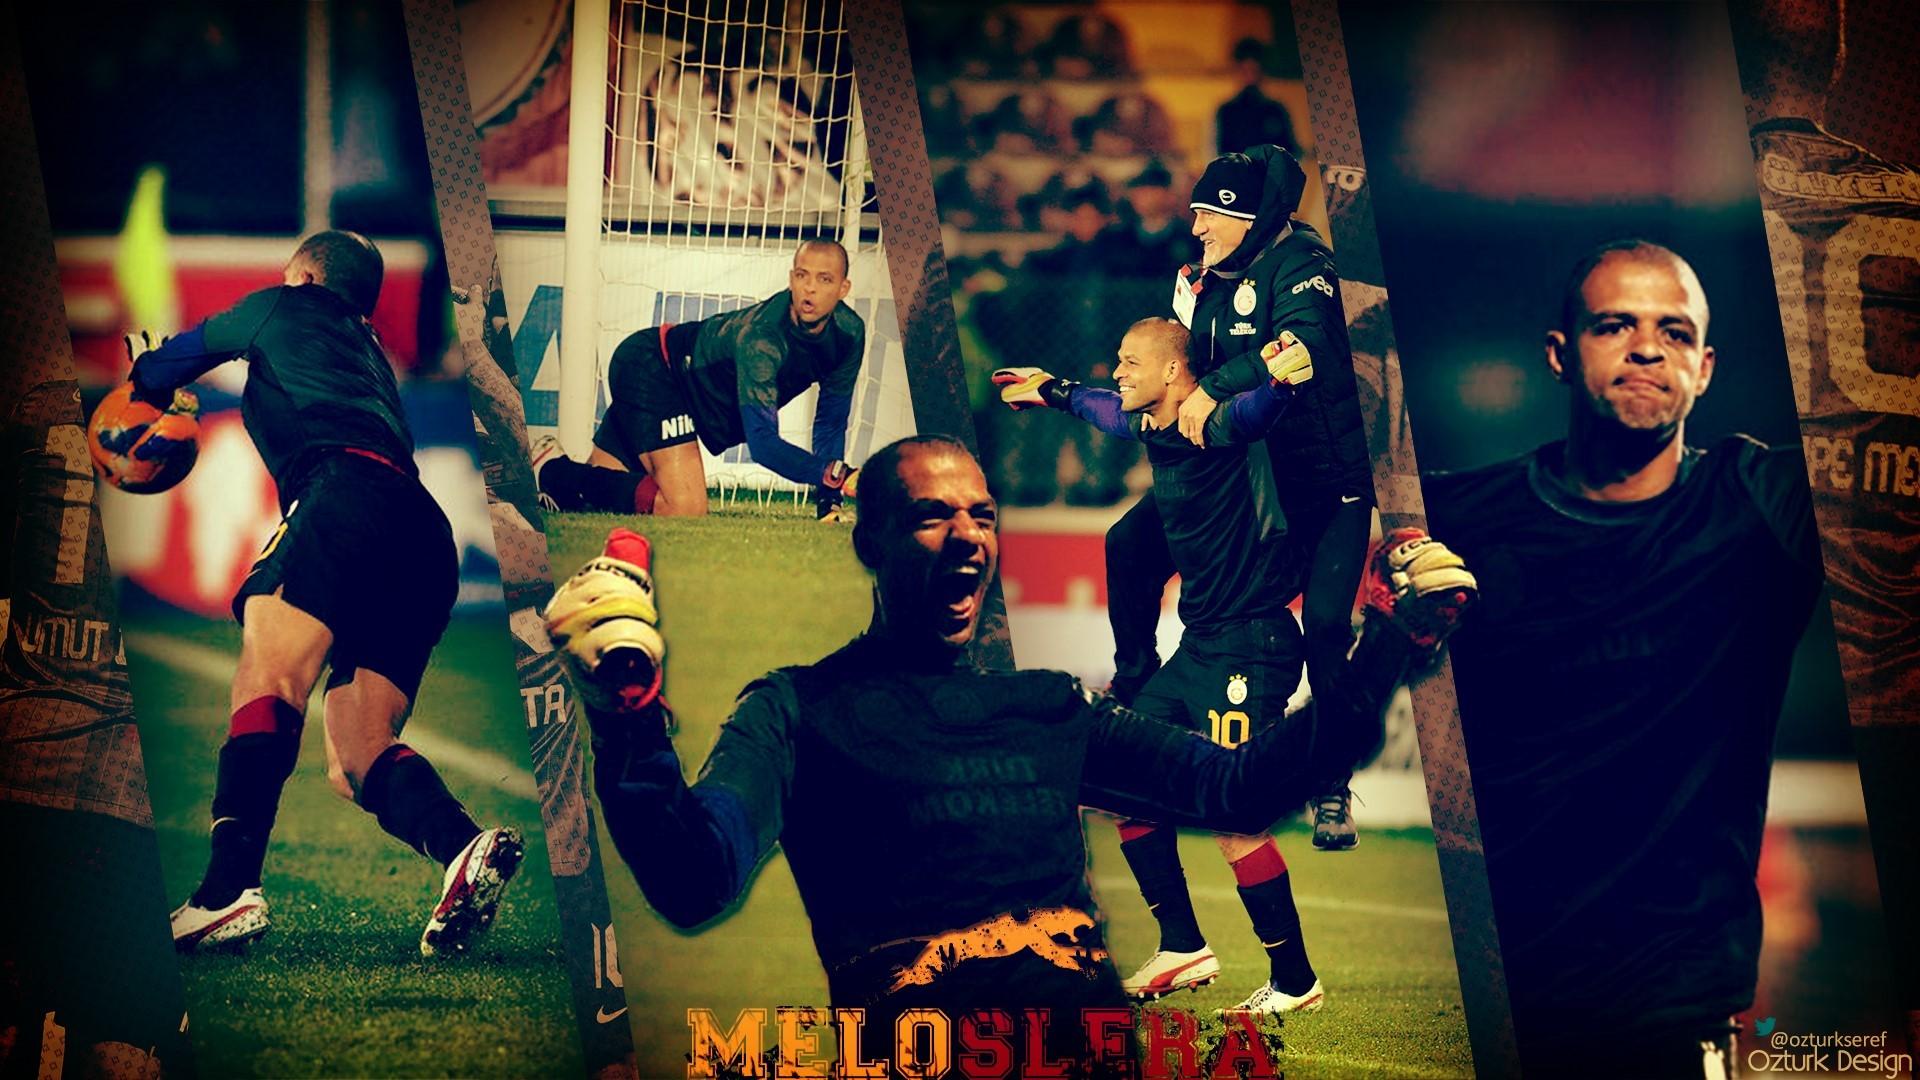 Felipe Melo Galatasaray WALLPAPER